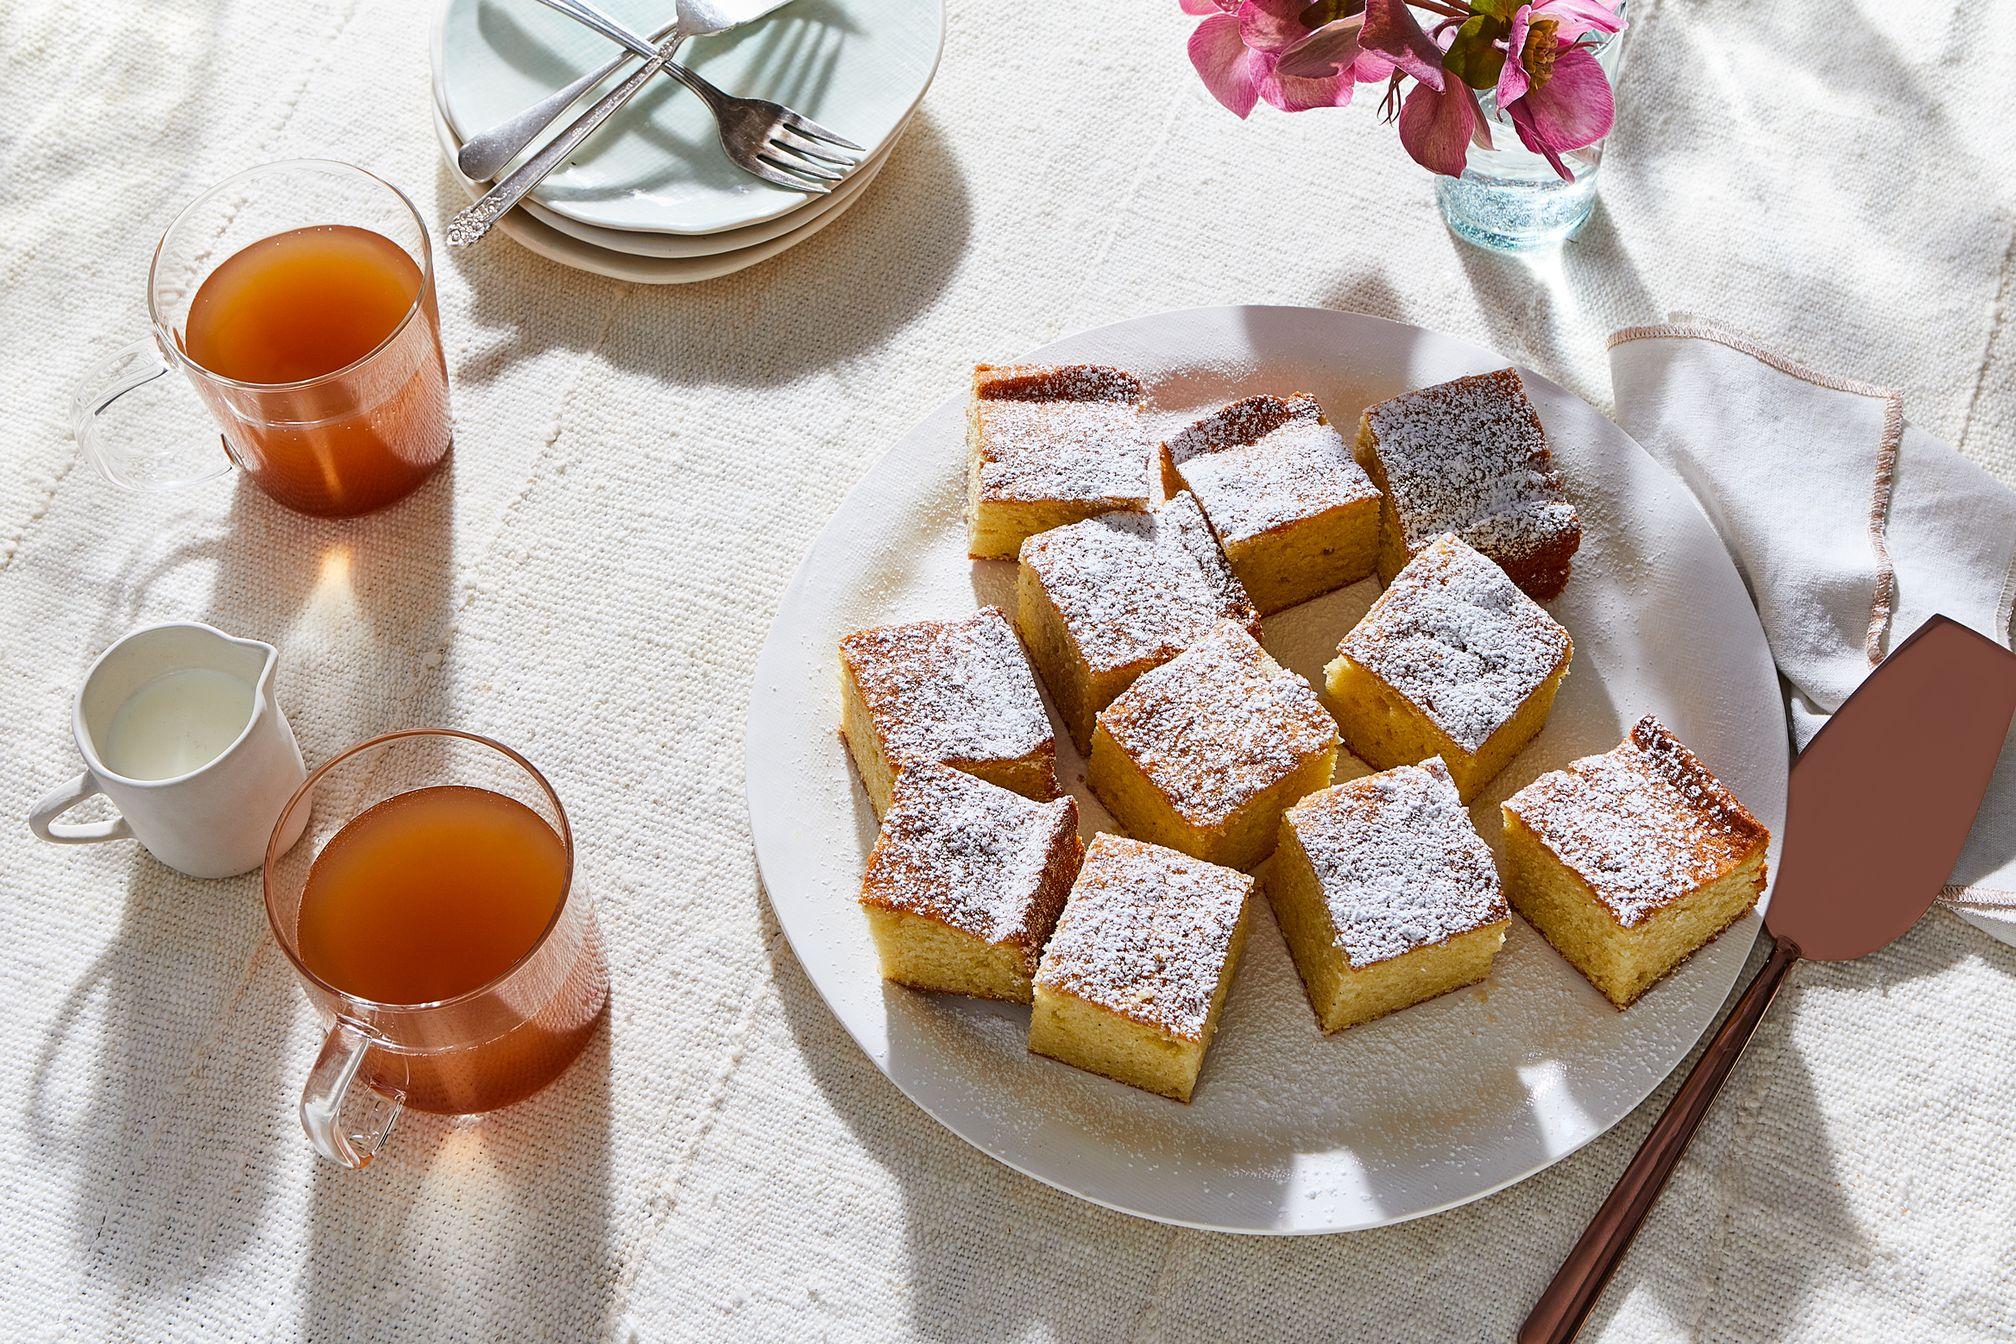 Best Butter Cake Recipe How To Make Light Fluffy Sponge Cake